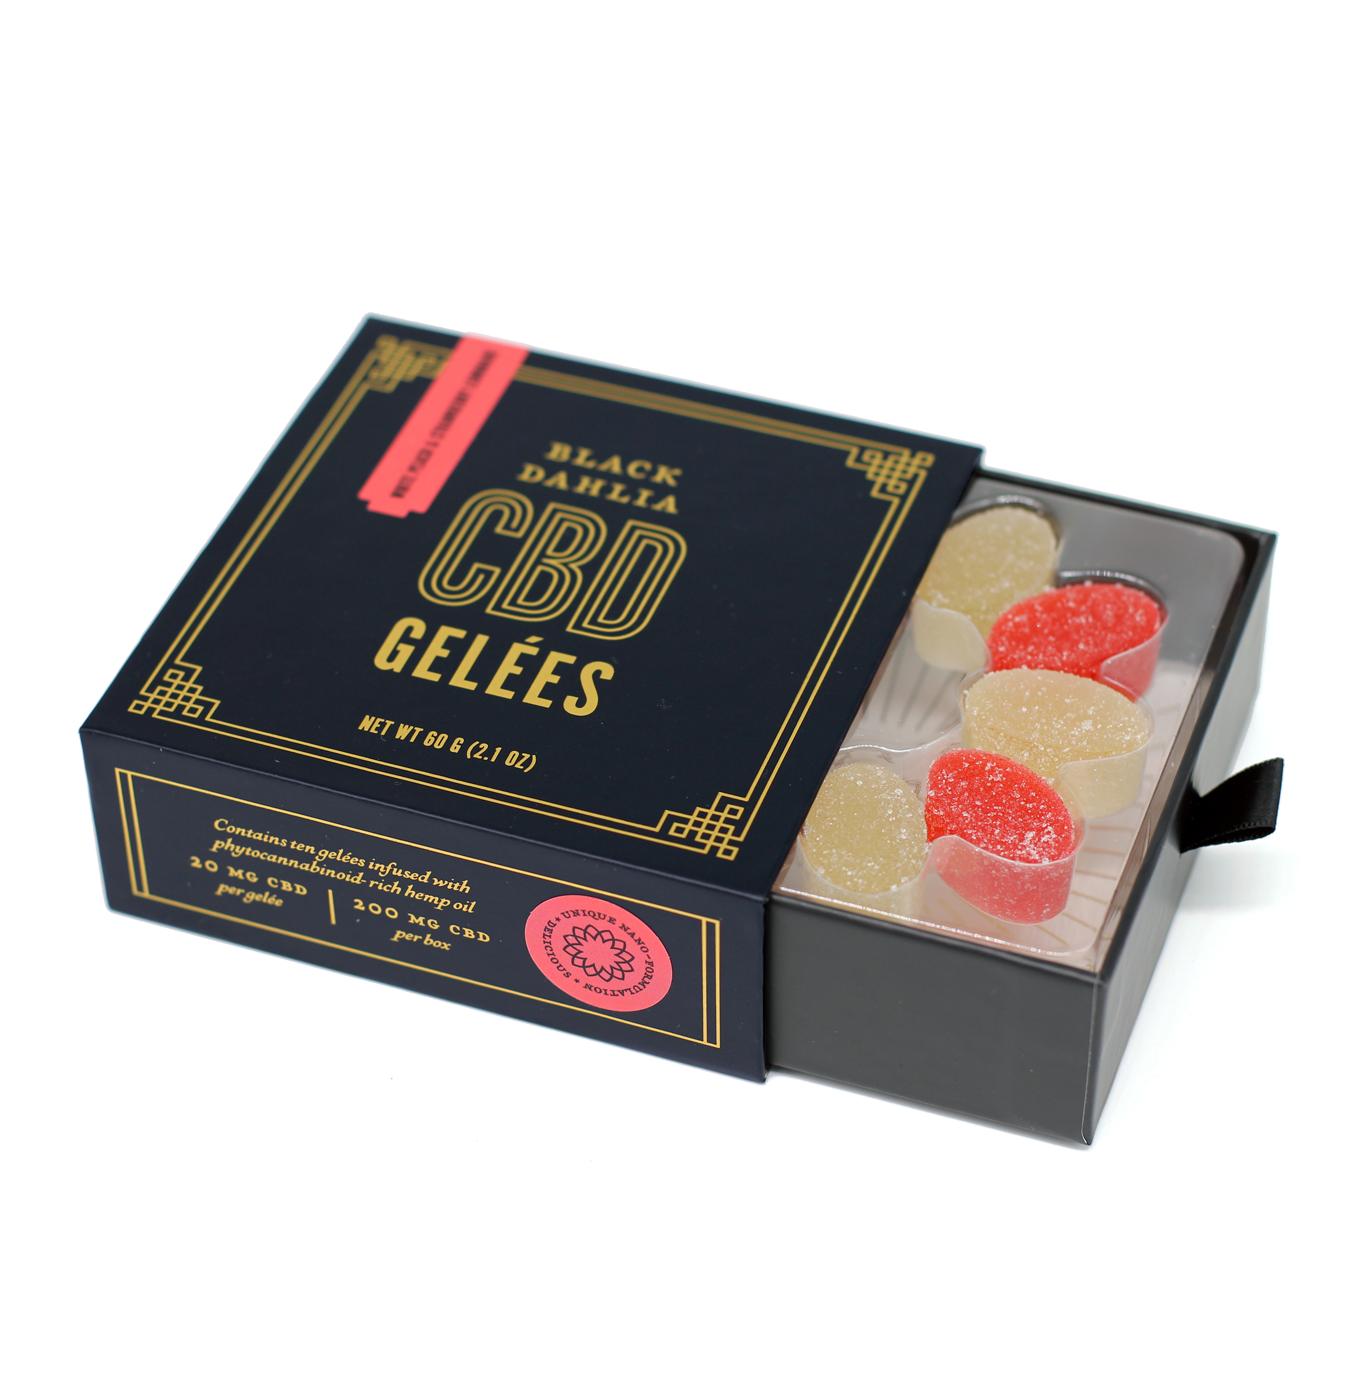 Black Dahlia - Confection Collection